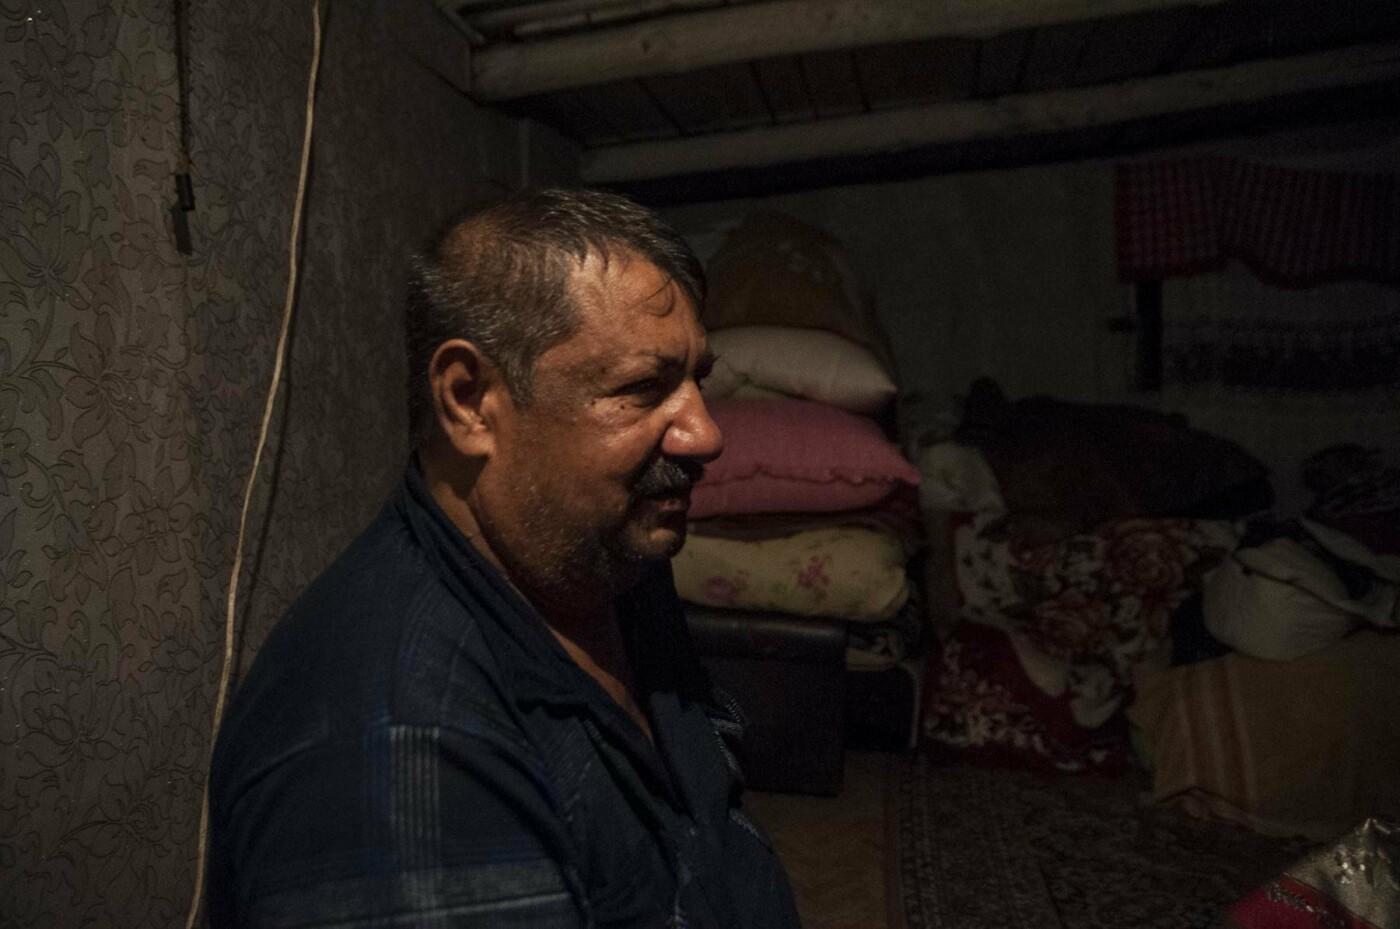 «Наш народ ни в чём не виноват». Белгородские цыгане об убийстве в Уразове и своей жизни, фото-3